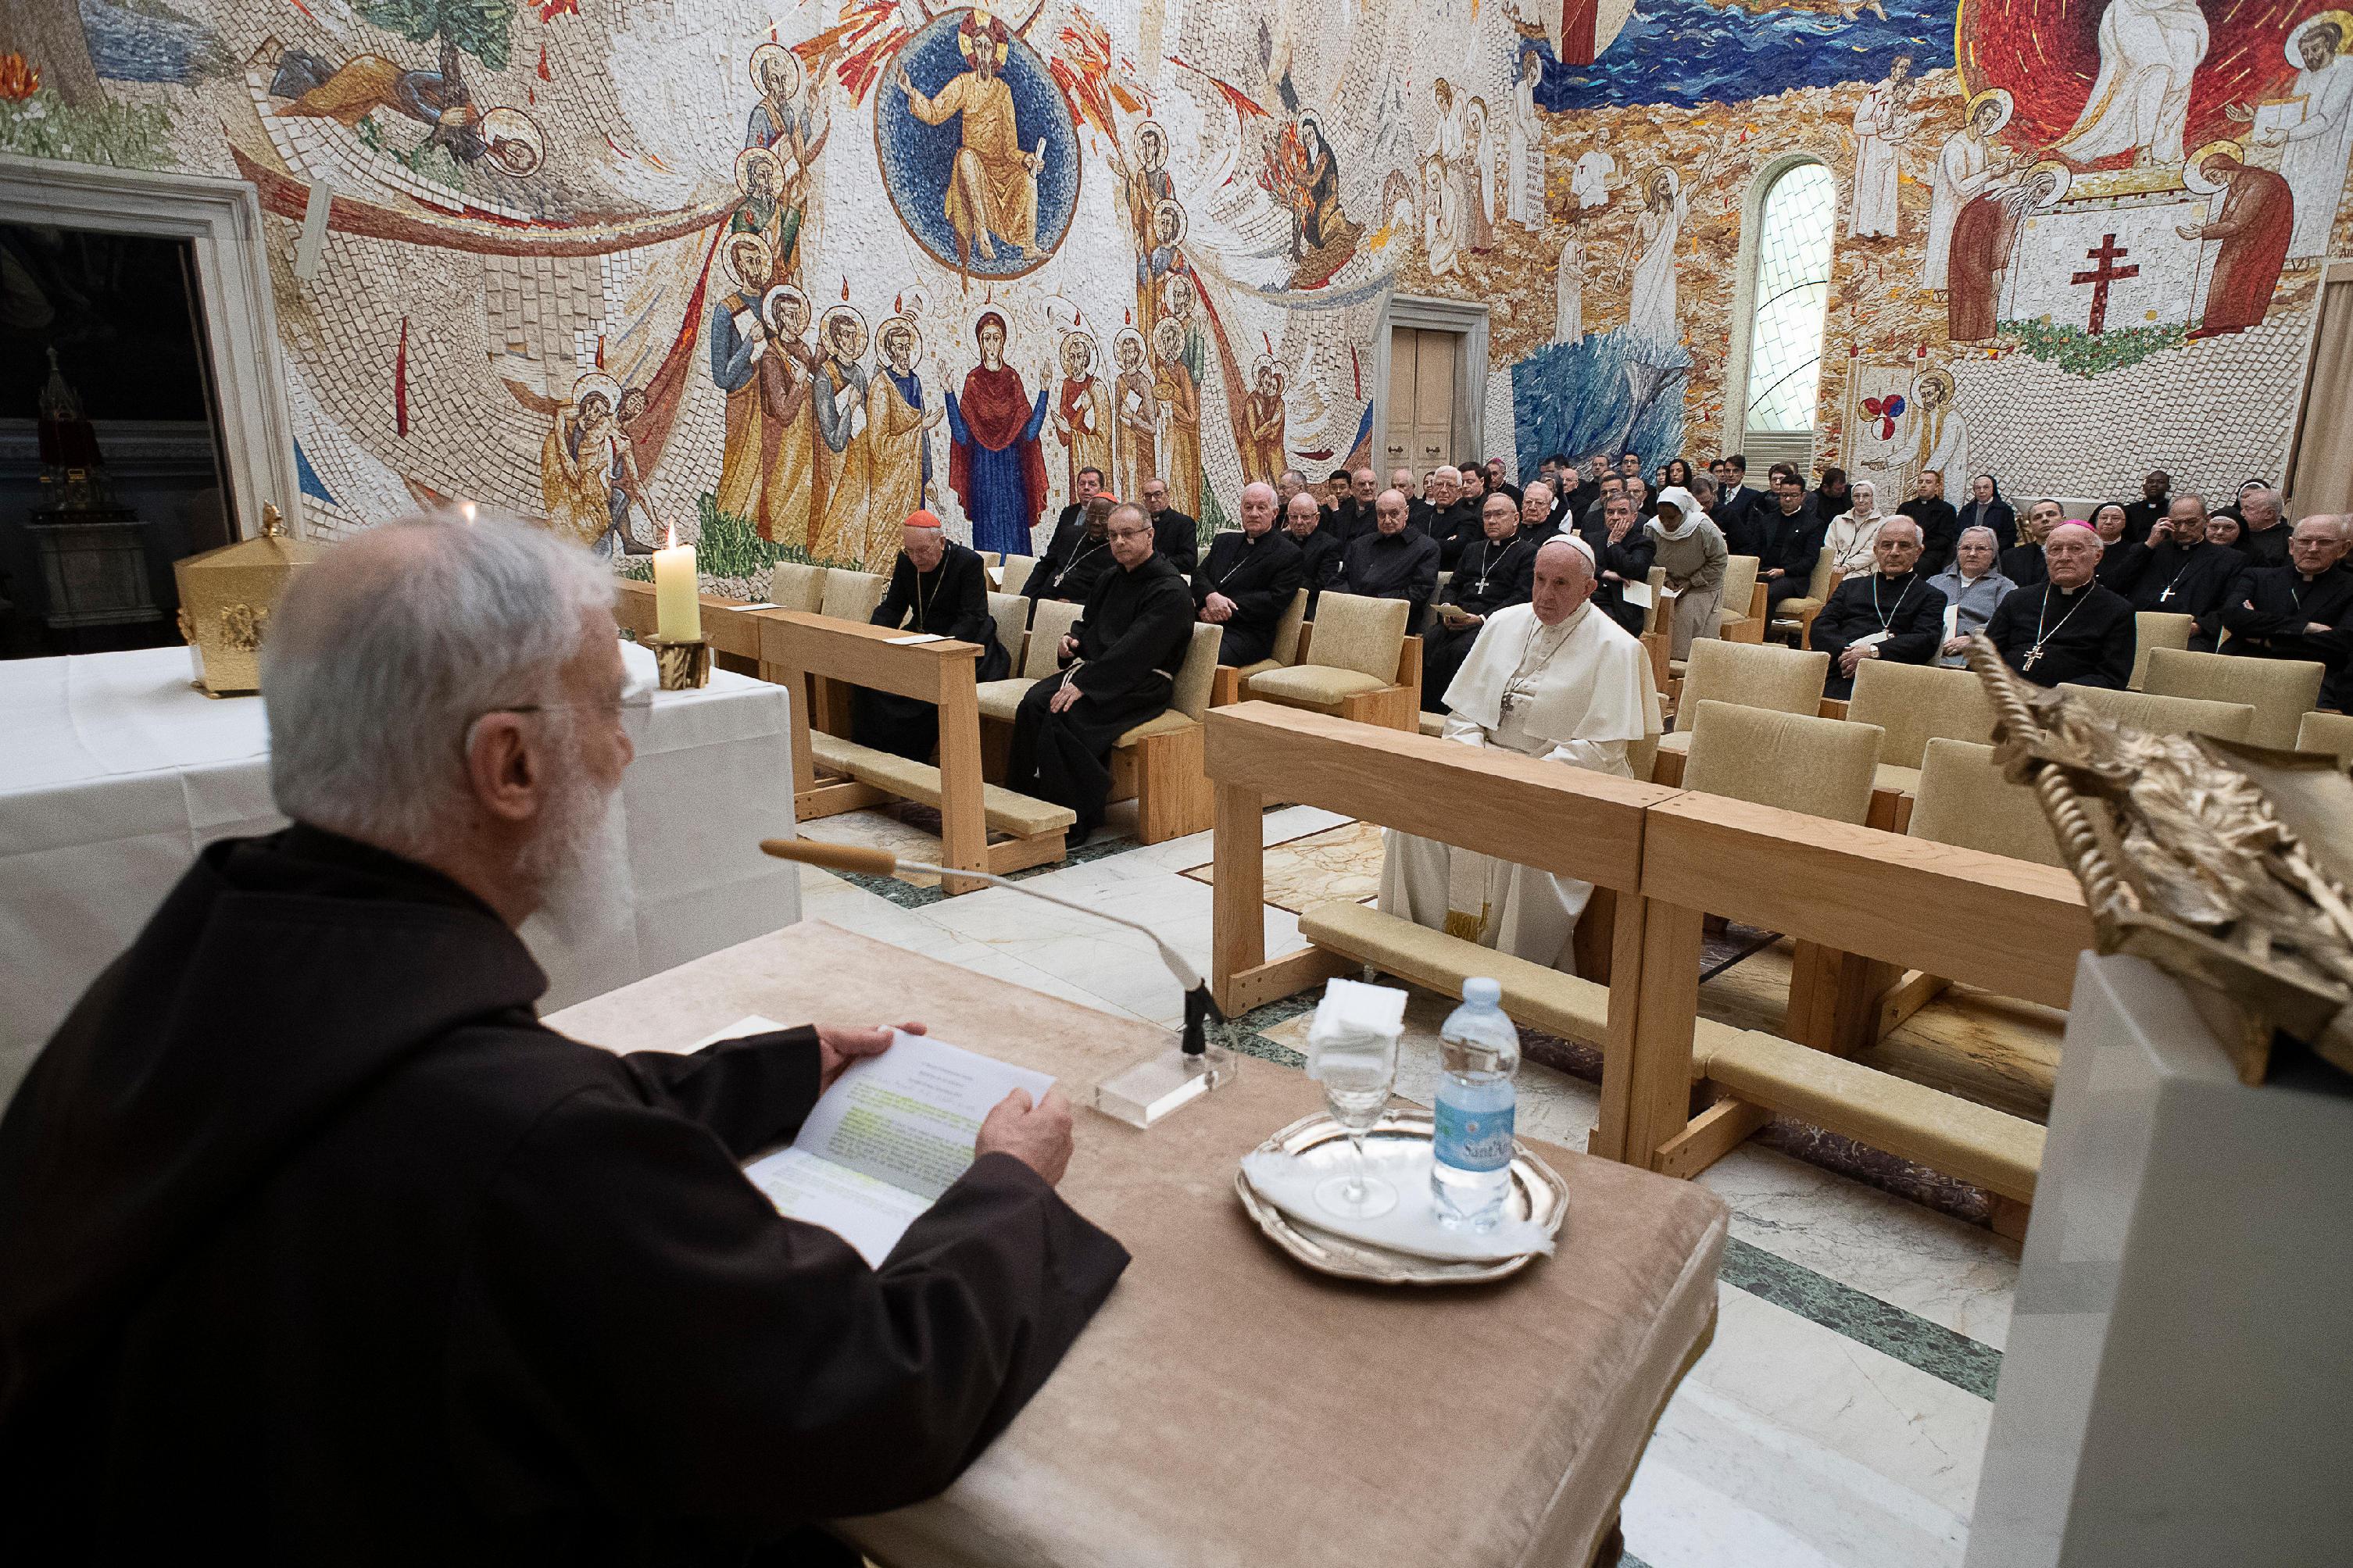 Segunda Predicación De Cuaresma De P. Cantalamessa, 22 De Marzo De 2019 © Vatican Media